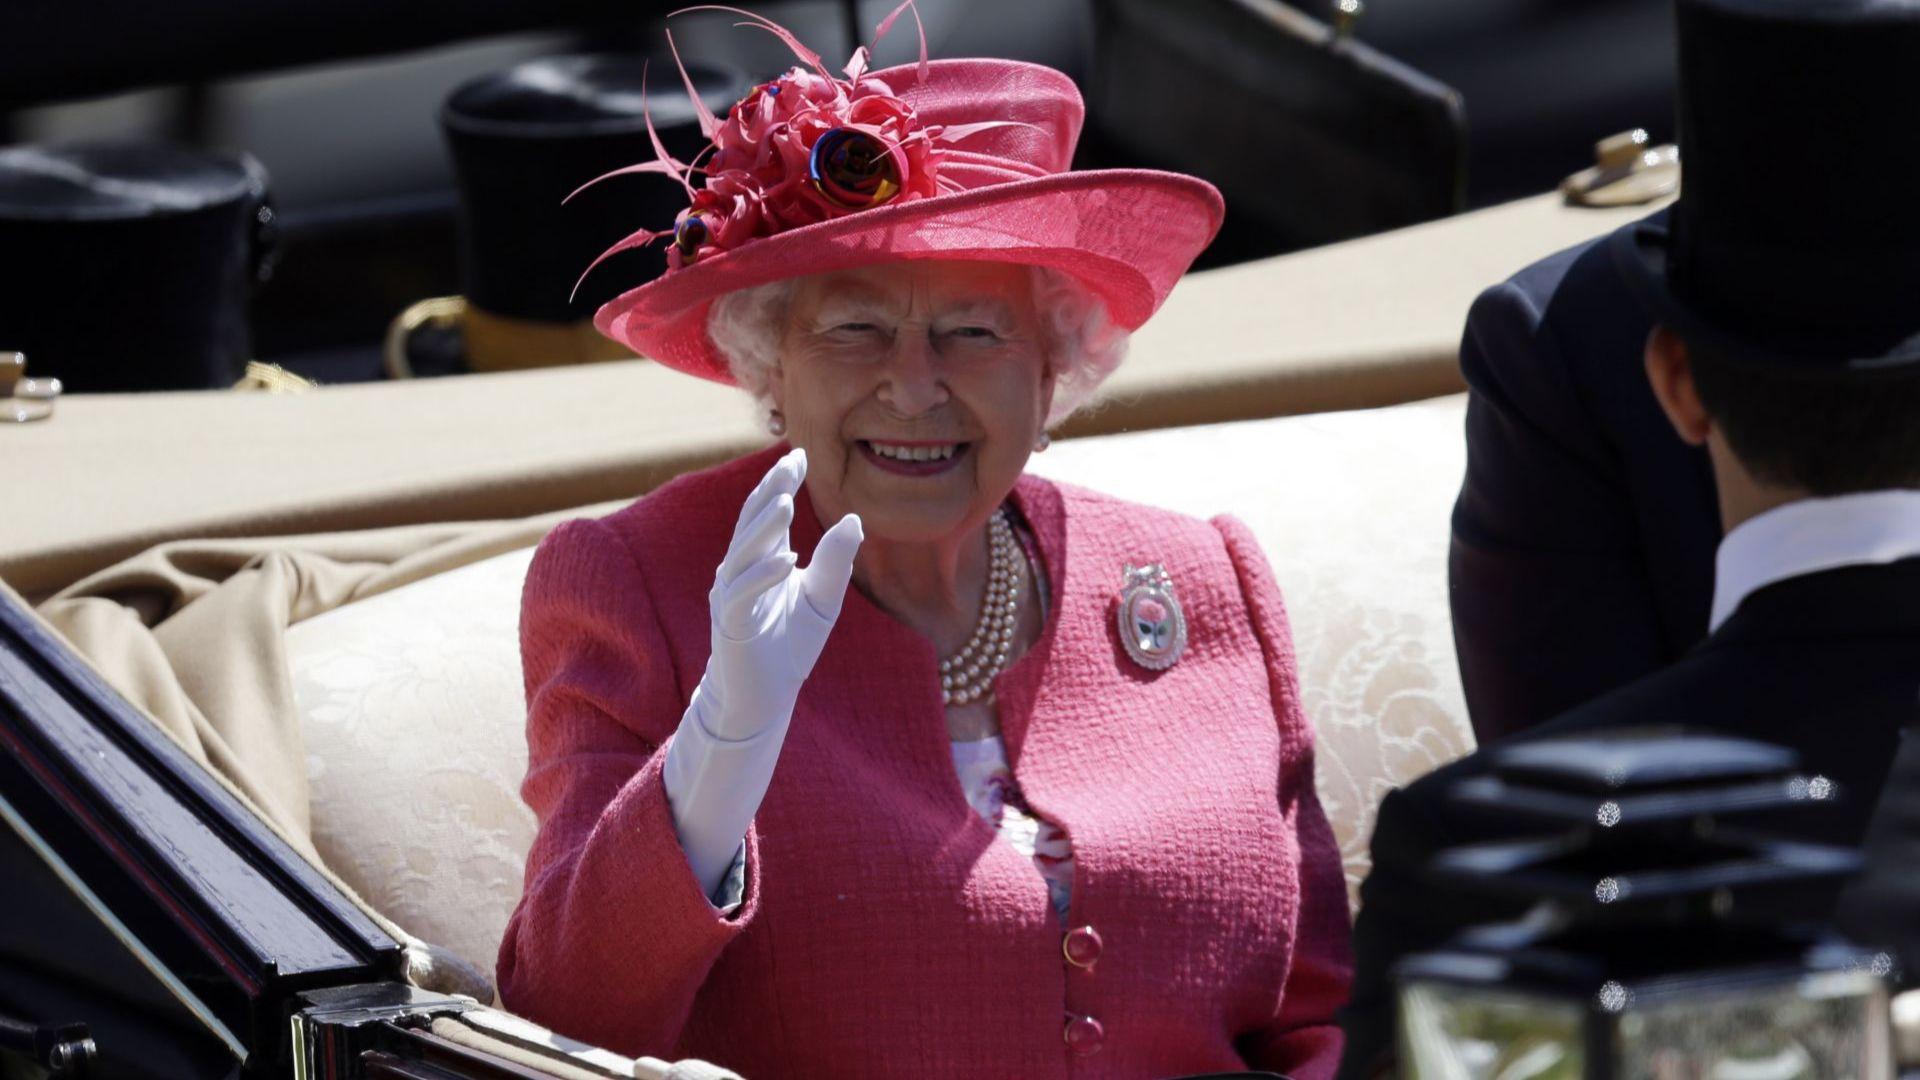 Кралица Елизабет притежава изкуствена ръка за приветствие към публика